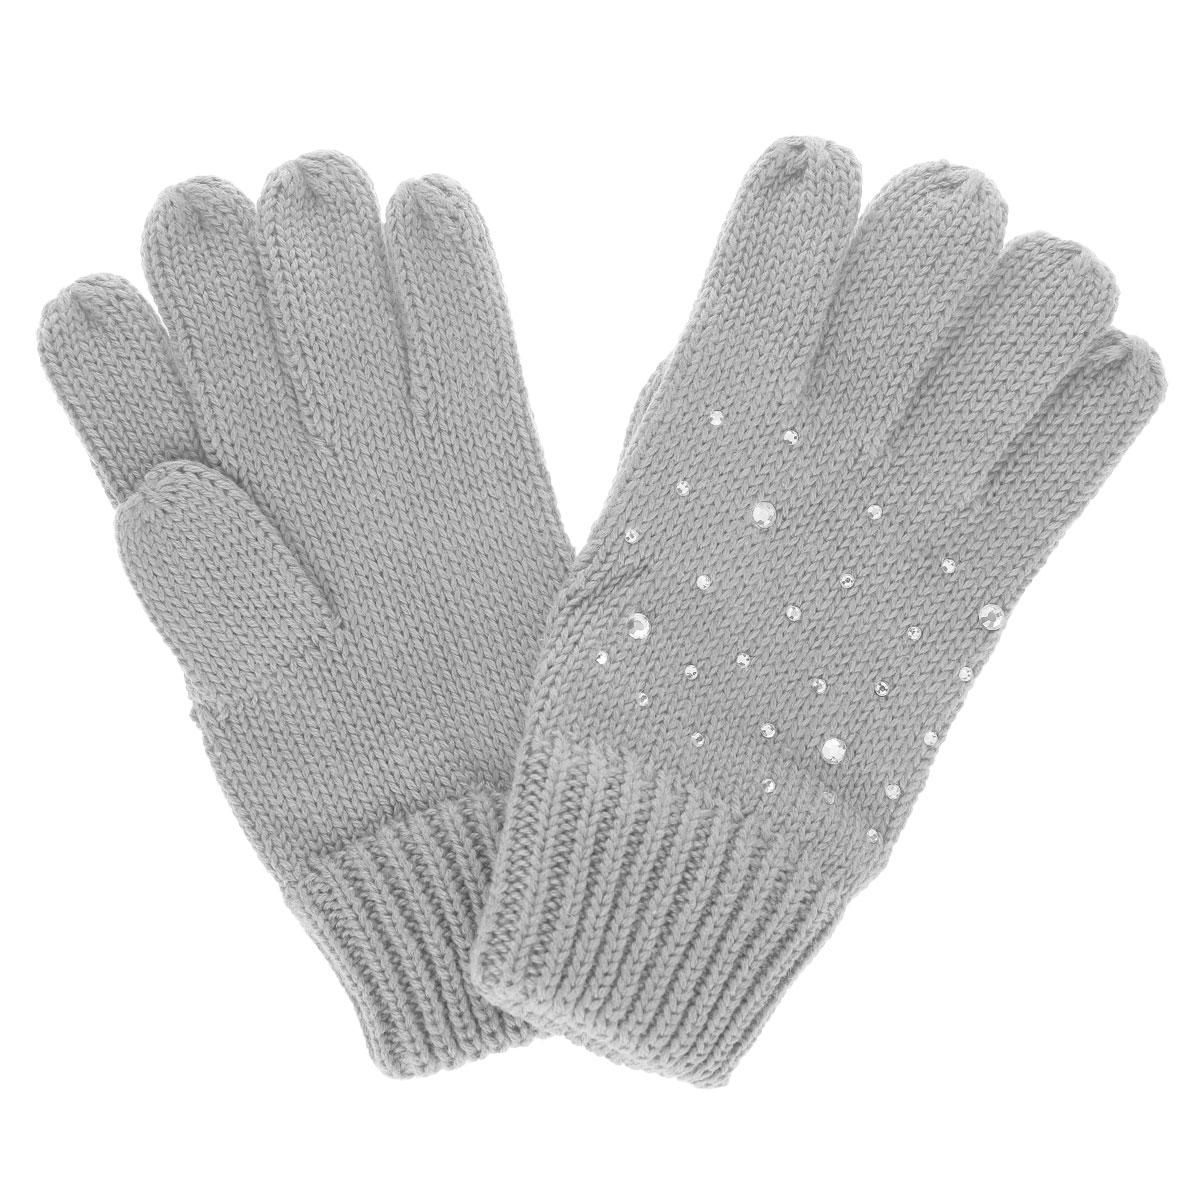 Перчатки для девочки. GL-643/049O-5302GL-643/049O-5302Вязаные перчатки для девочки Sela идеально подойдут вашей дочурке для прогулок в прохладное время года. Изготовленные из хлопковой пряжи с добавлением акрила, они необычайно мягкие и приятные на ощупь, не сковывают движения и позволяют коже дышать, не раздражают нежную кожу ребенка, обеспечивая ему наибольший комфорт, хорошо сохраняют тепло. Перчатки дополнены широкими эластичными манжетами, не стягивающими запястья и надежно фиксирующими их на ручках ребенка. Манжеты связаны крупной резинкой. Оформлены перчатки стразами различного диаметра. Оригинальный дизайн и расцветка делают эти перчатки модным и стильным предметом детского гардероба. В них ваша маленькая модница будет чувствовать себя уютно и комфортно и всегда будет в центре внимания!